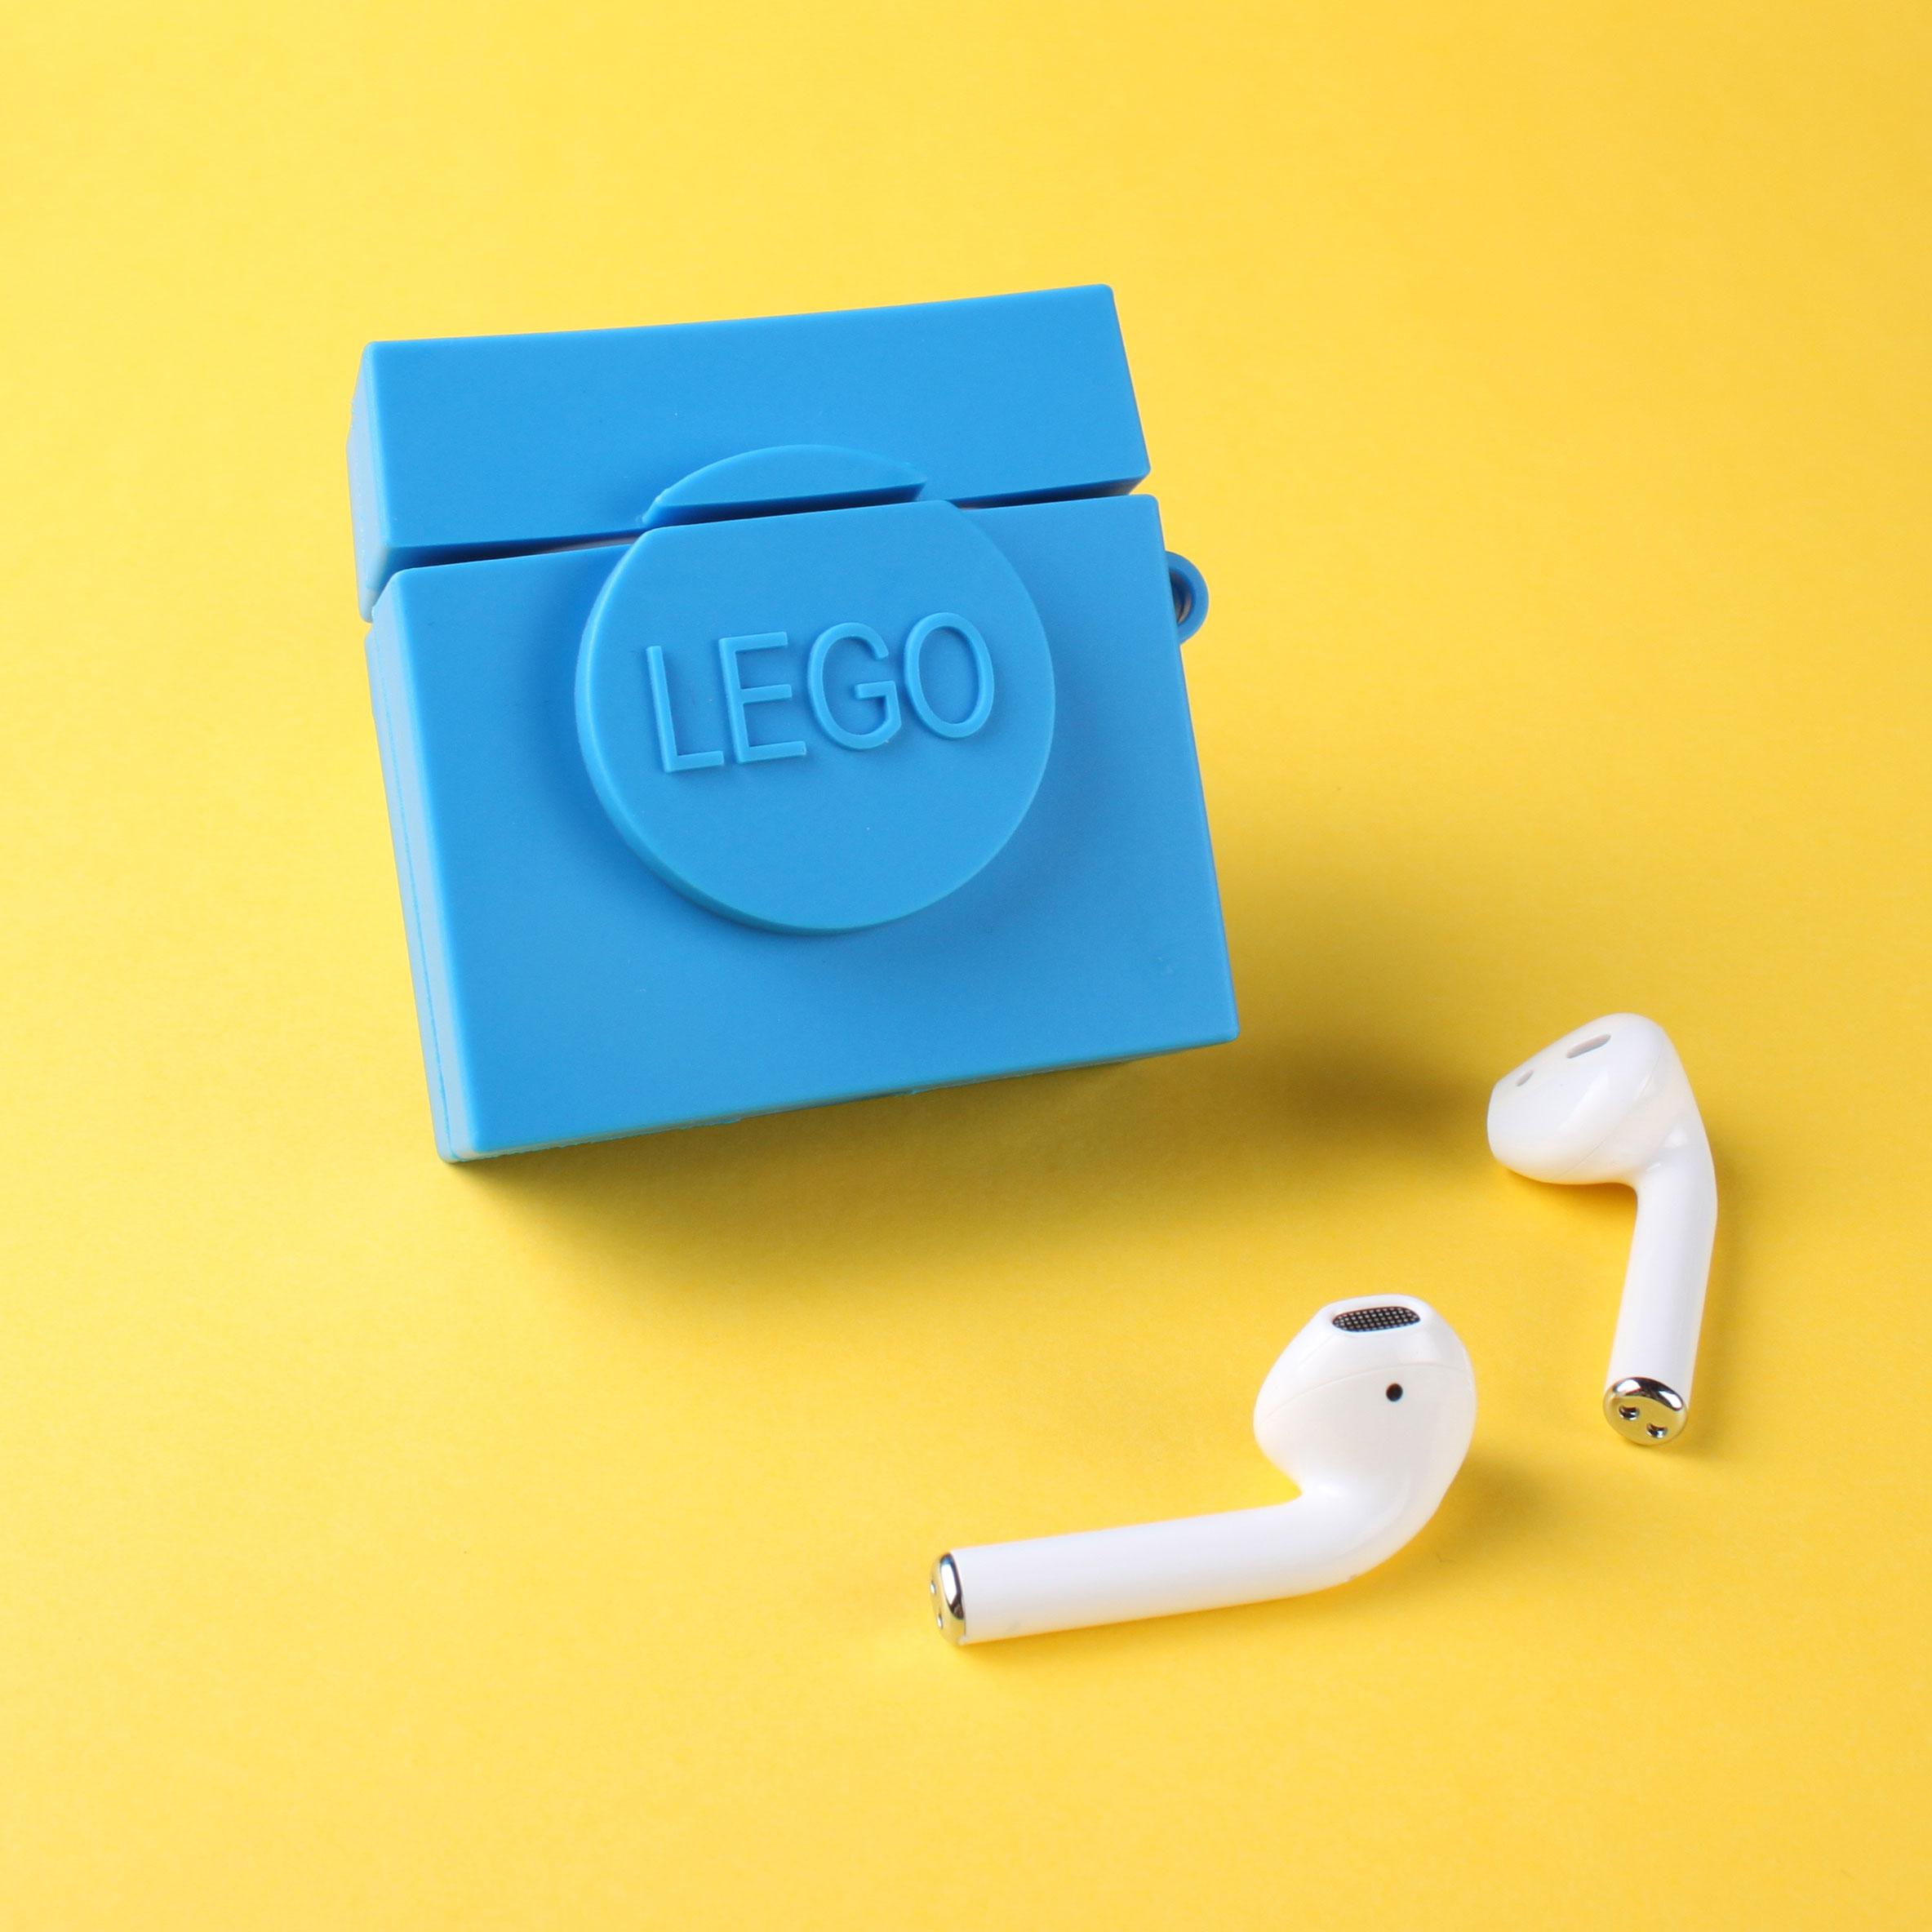 Vỏ Đựng Bảo Vệ Hộp Sạc Tai Nghe Airpods 1 / 2 Hình Lego Ngộ Nghĩnh